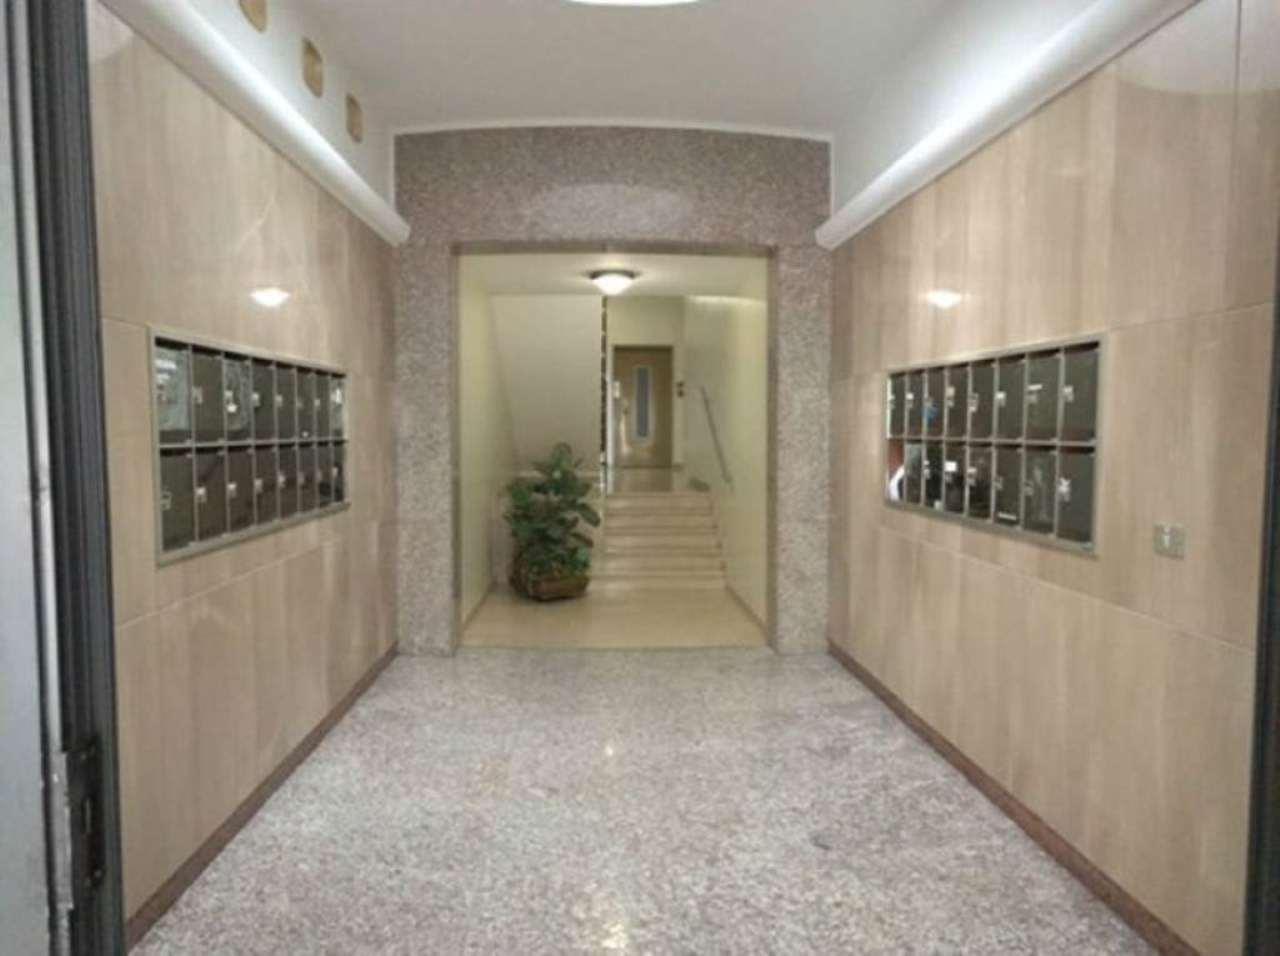 Appartamento in vendita a Mirano, 6 locali, prezzo € 119.000 | Cambio Casa.it